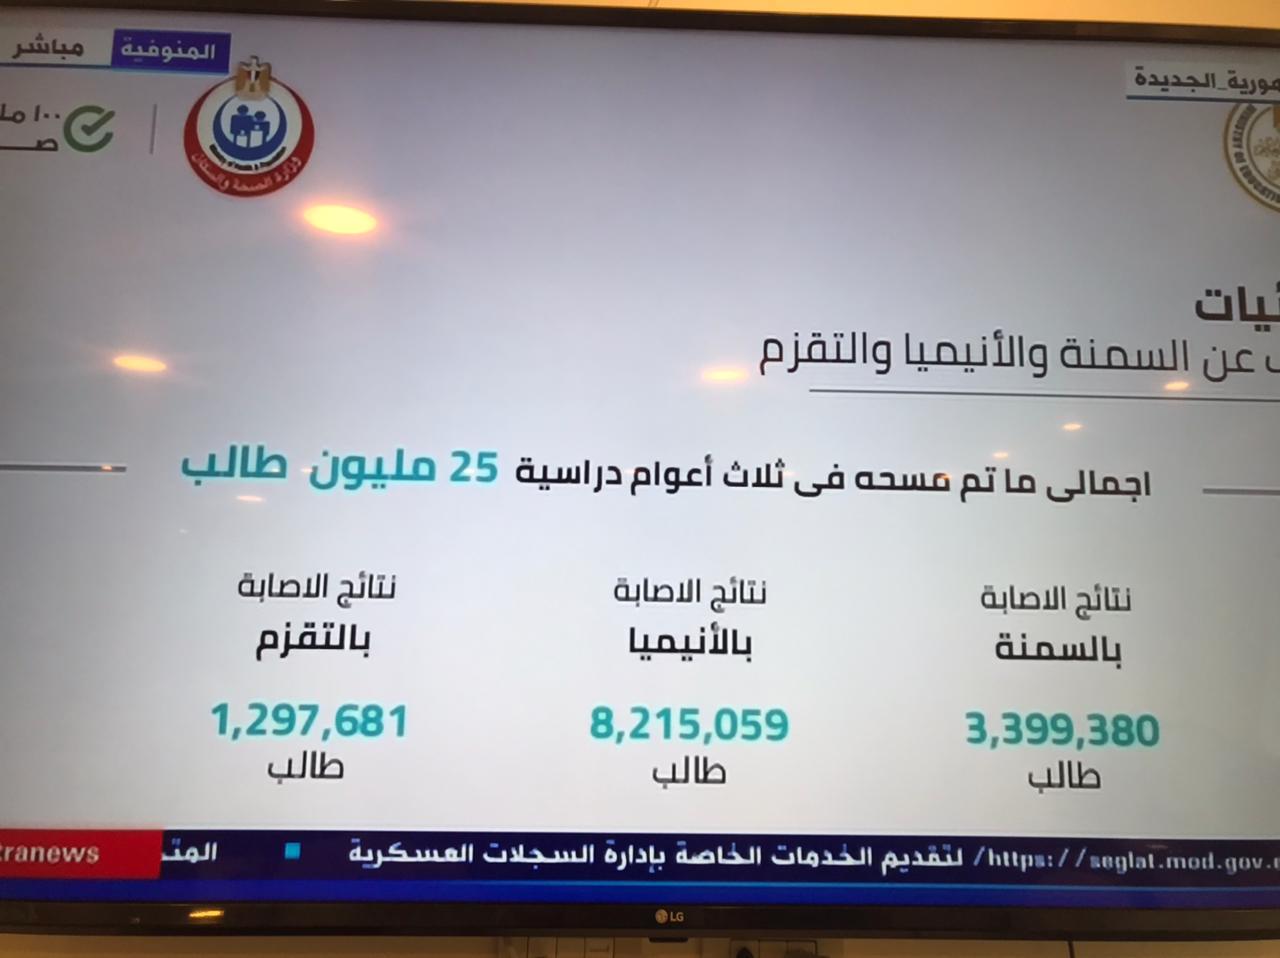 7 مليار جنية.. طارق شوقي يكشف تكلفة التغذية المدرسية للطلاب